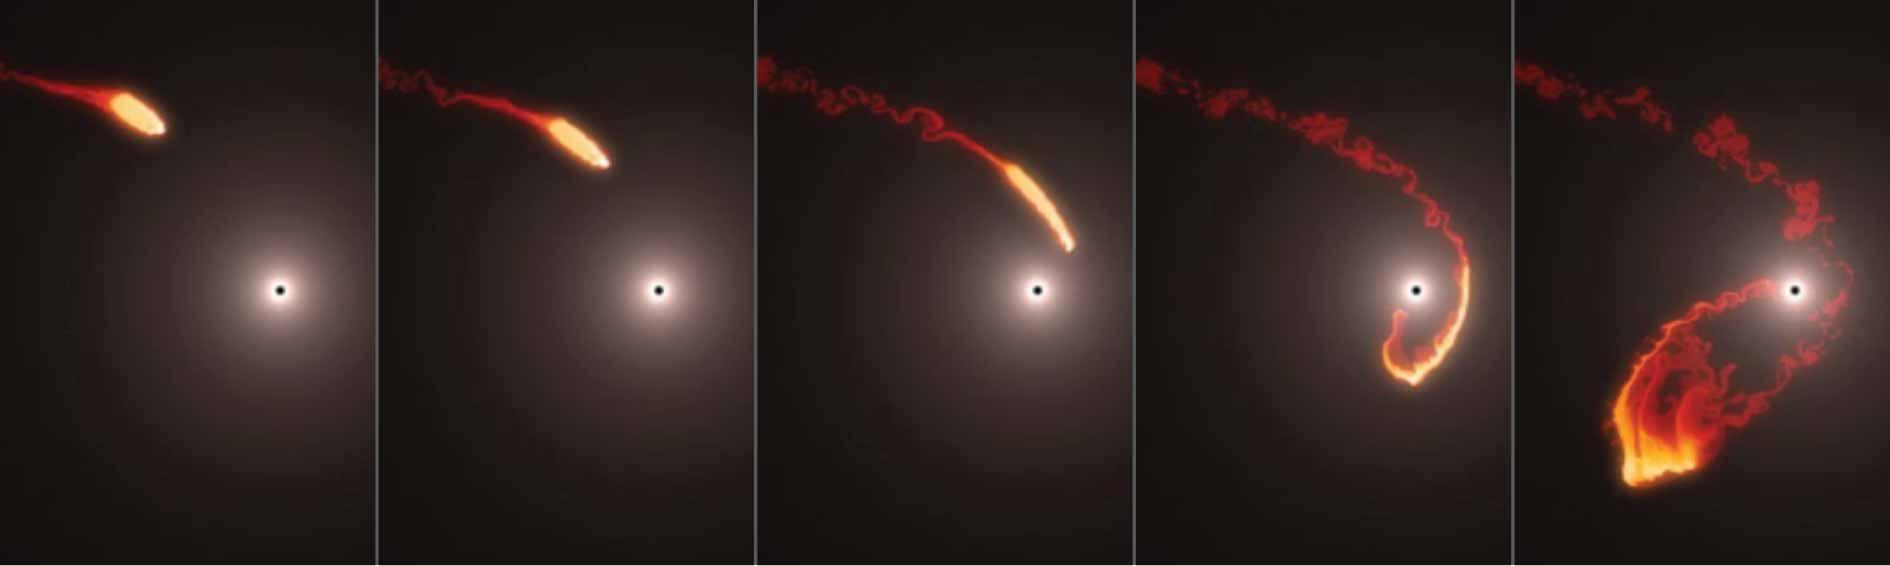 Облак од прав наречен G2 се доближува до Стрелец А* (Sagittarius A*), црната дупка во центарот на нашата галаксија. Симулацијата го прикажува начинот на кој е можно облакот да биде развлечен и растргнат.